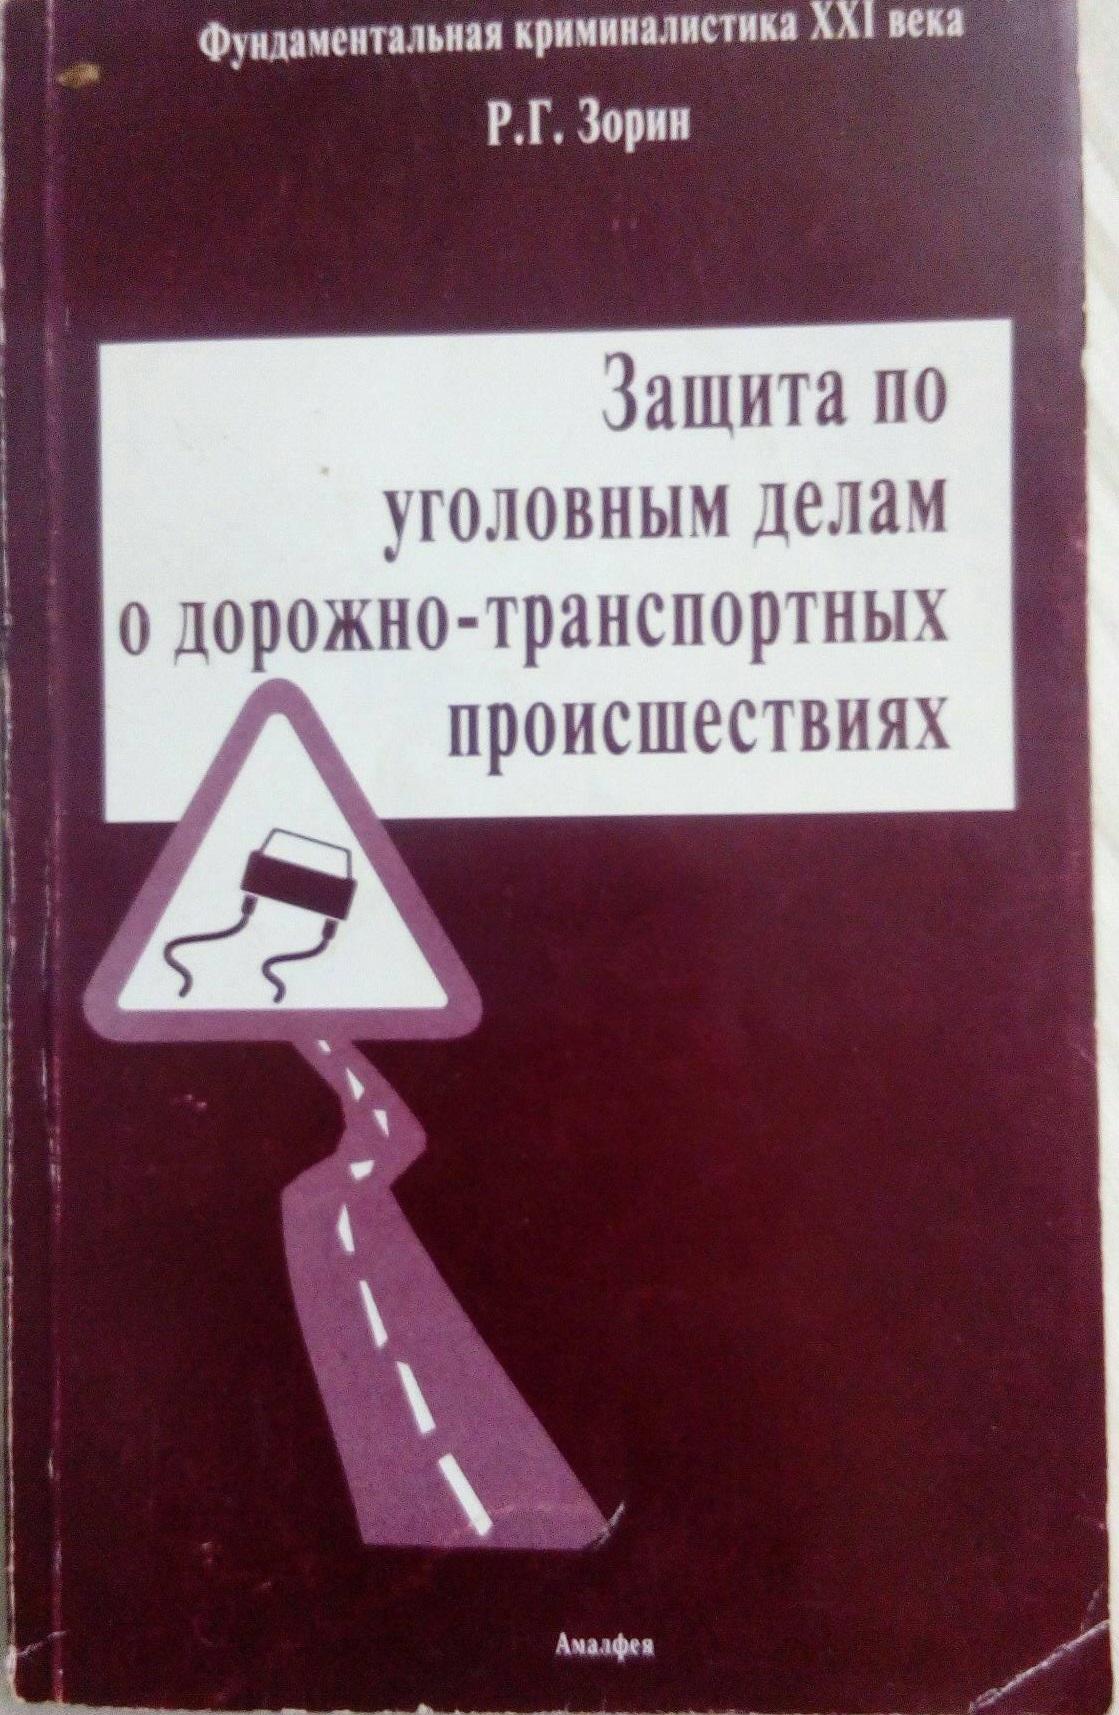 защита по уголовным делам о дорожно -транспортных происшествиях